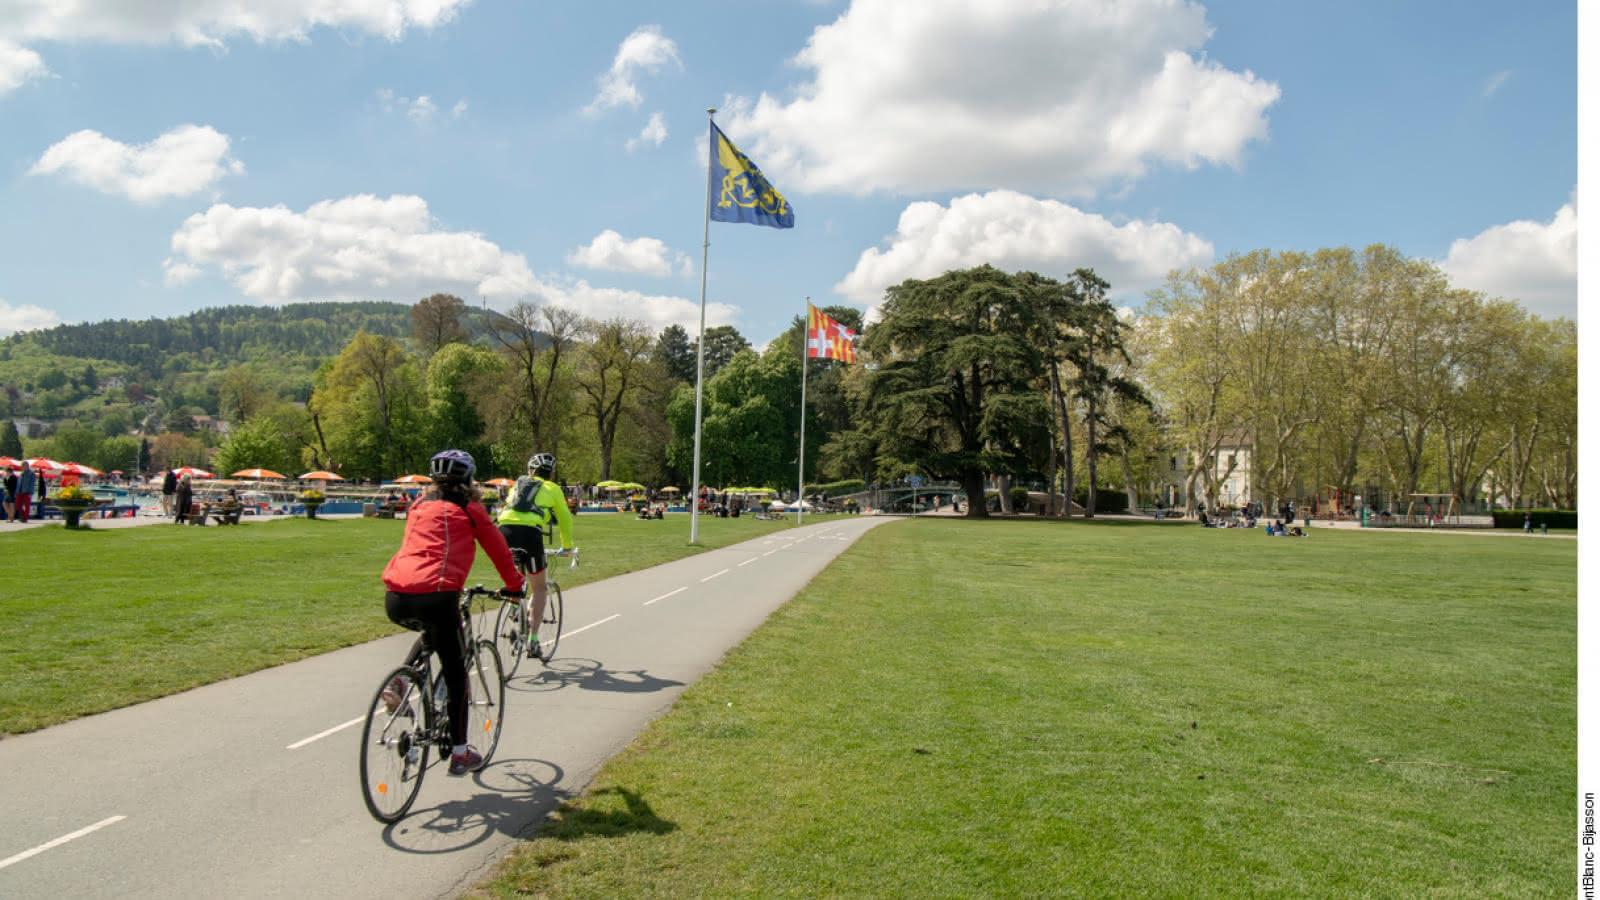 Cyclistes sur piste cyclable du centre ville d'Annecy - Le Pâquier